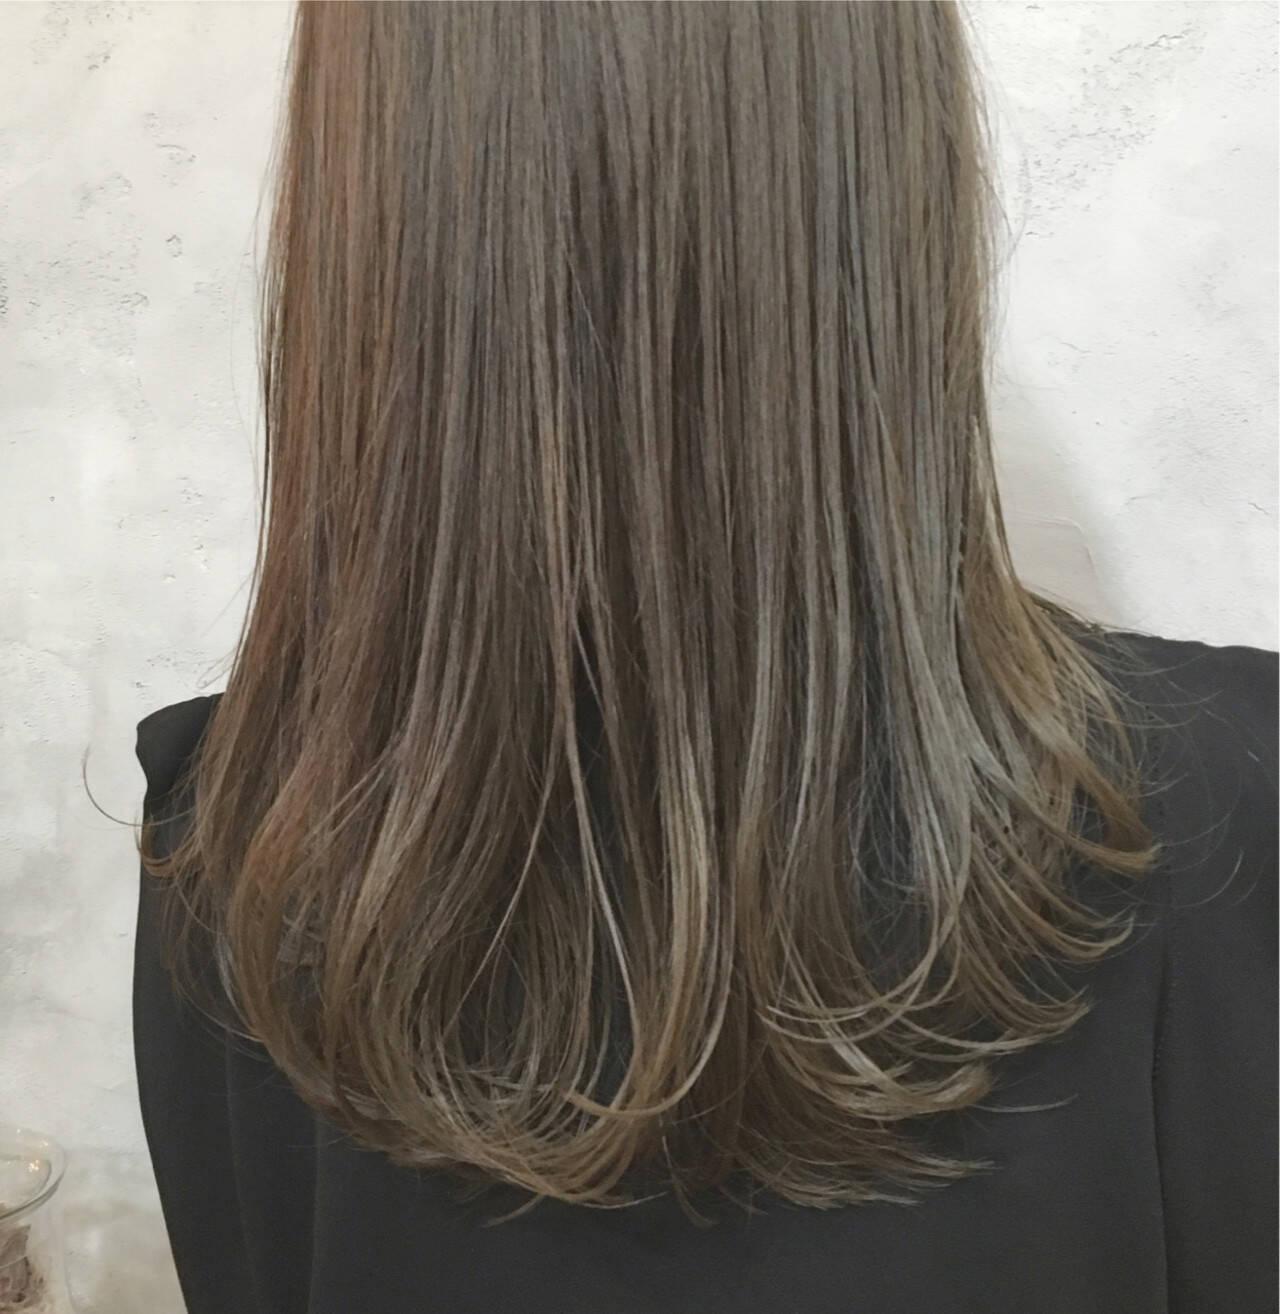 セミロング 女子会 ワンカール 暗髪ヘアスタイルや髪型の写真・画像